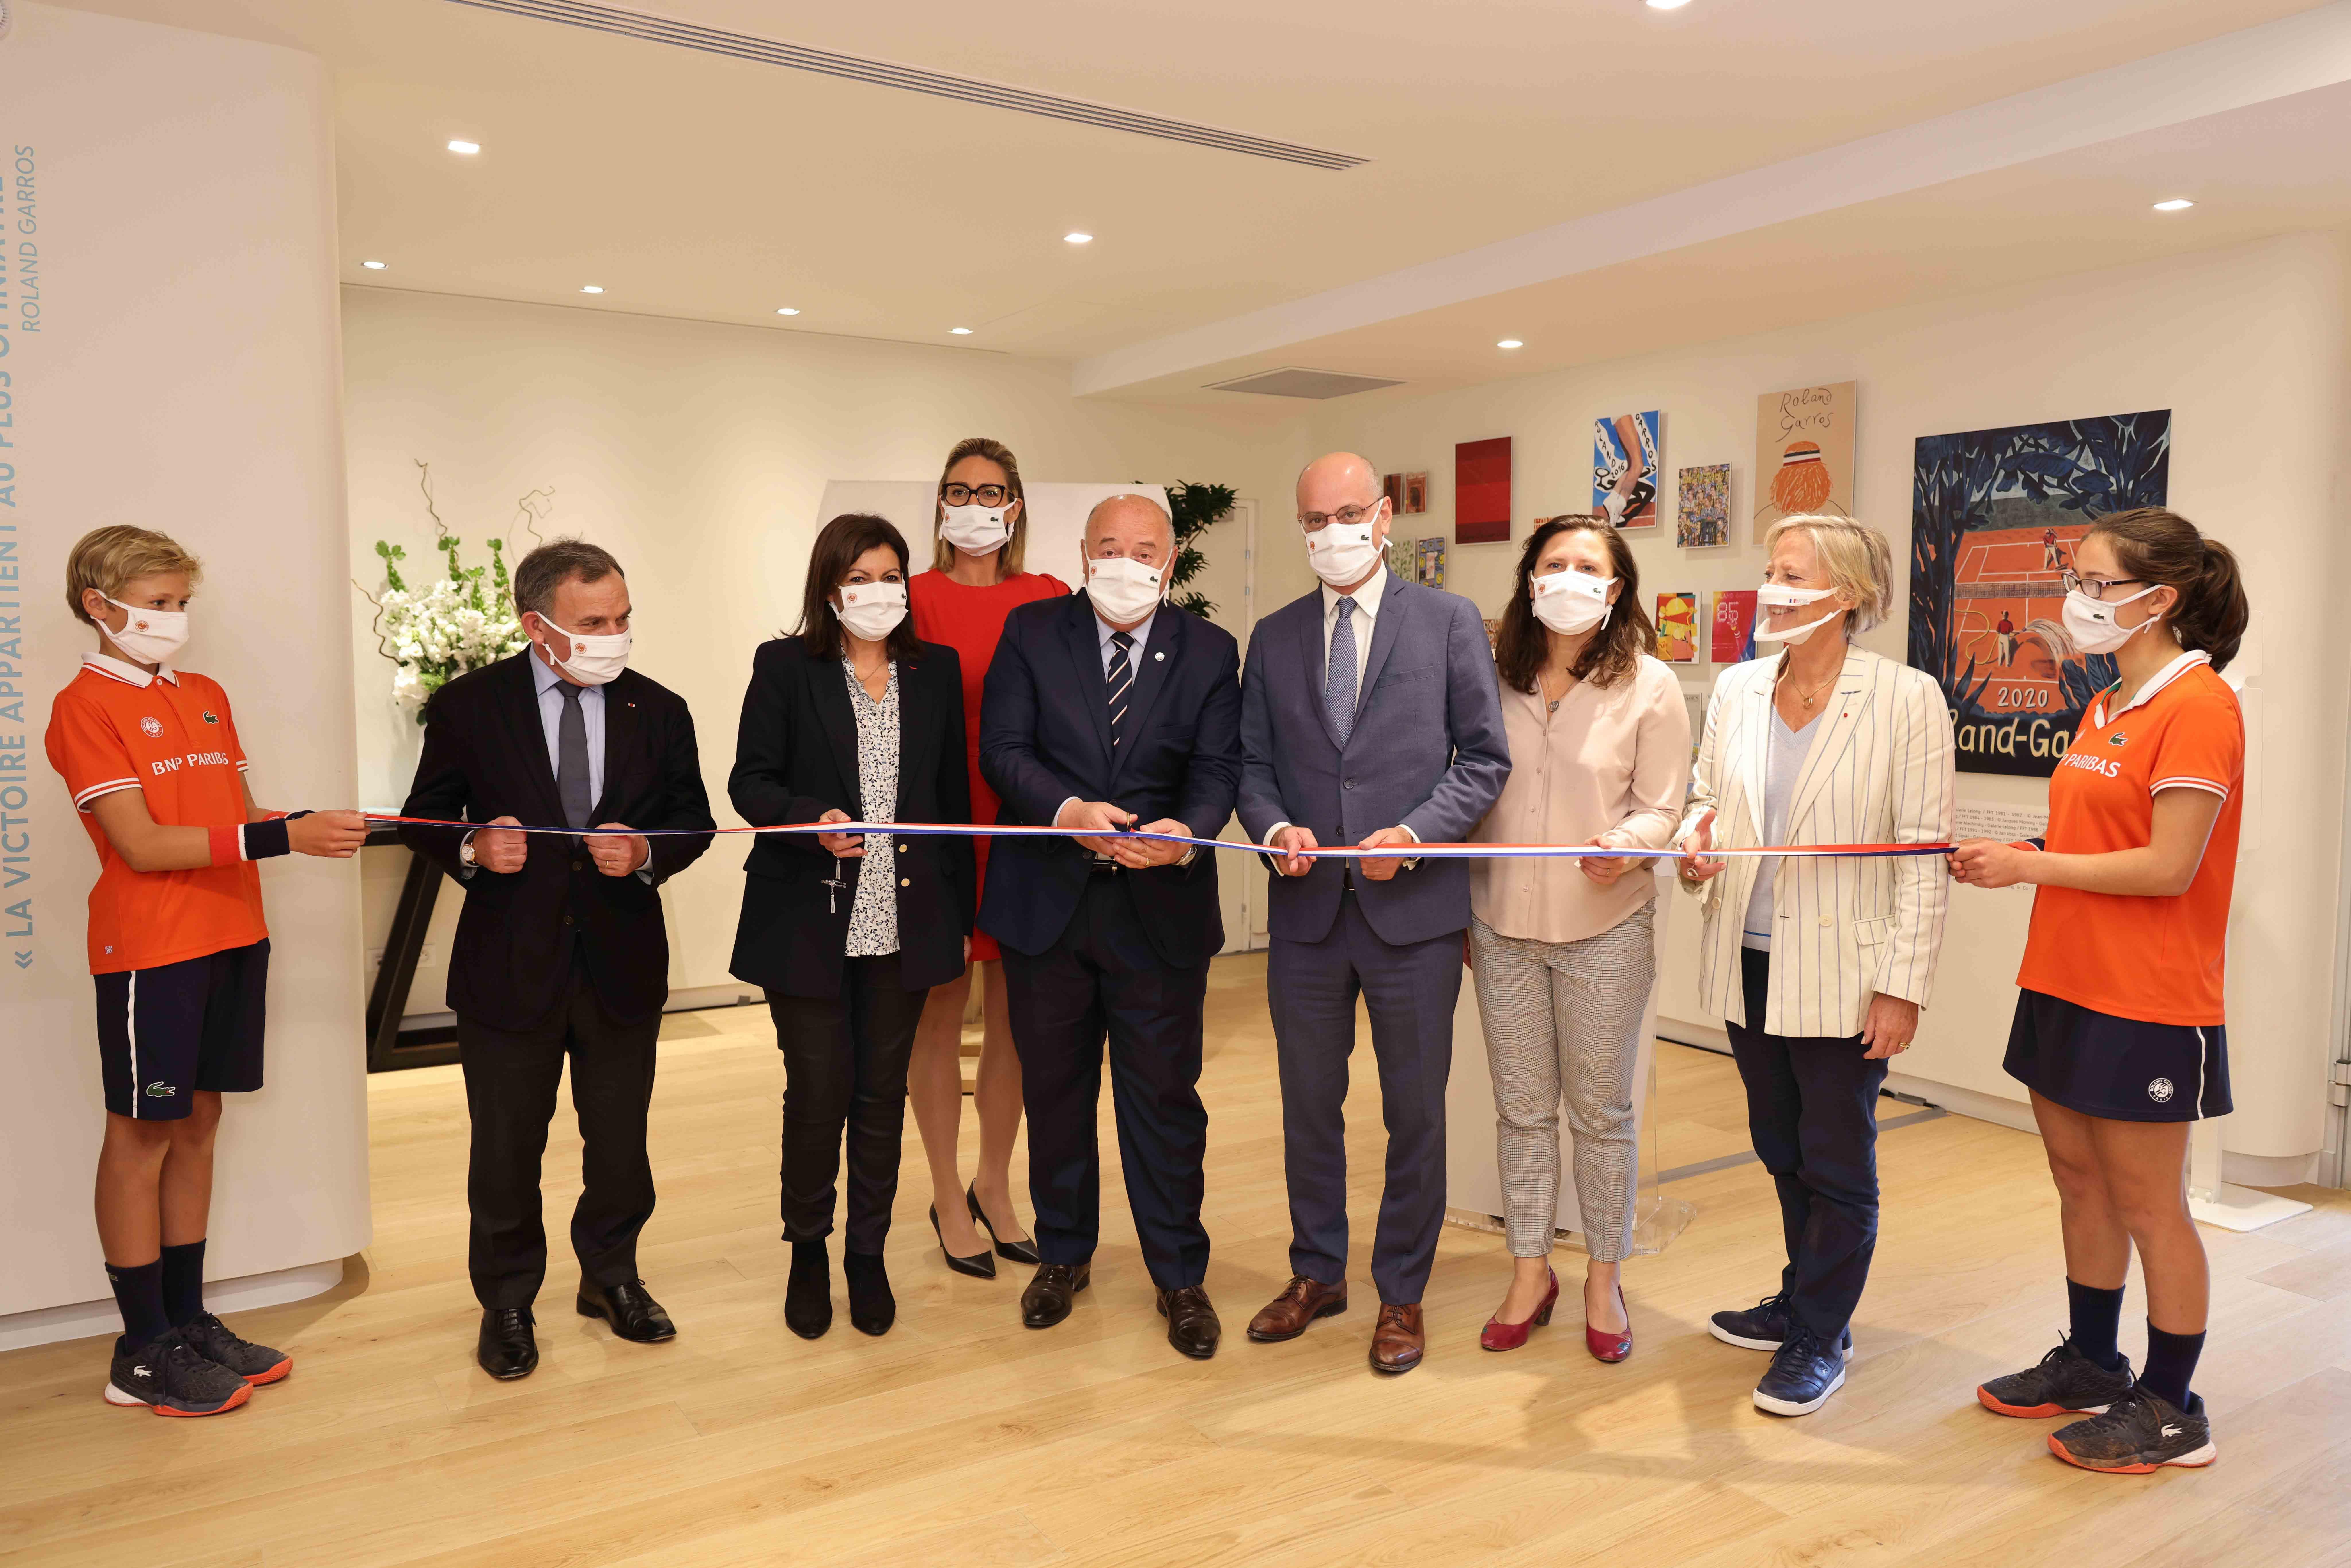 Inauguration du nouveau court Philippe-Chatrier à Roland-Garros 2020, en présence de Jean-Michel Blanquer, Roxana Maracineanu, Anne Hidalgo et Bernard Giudicelli